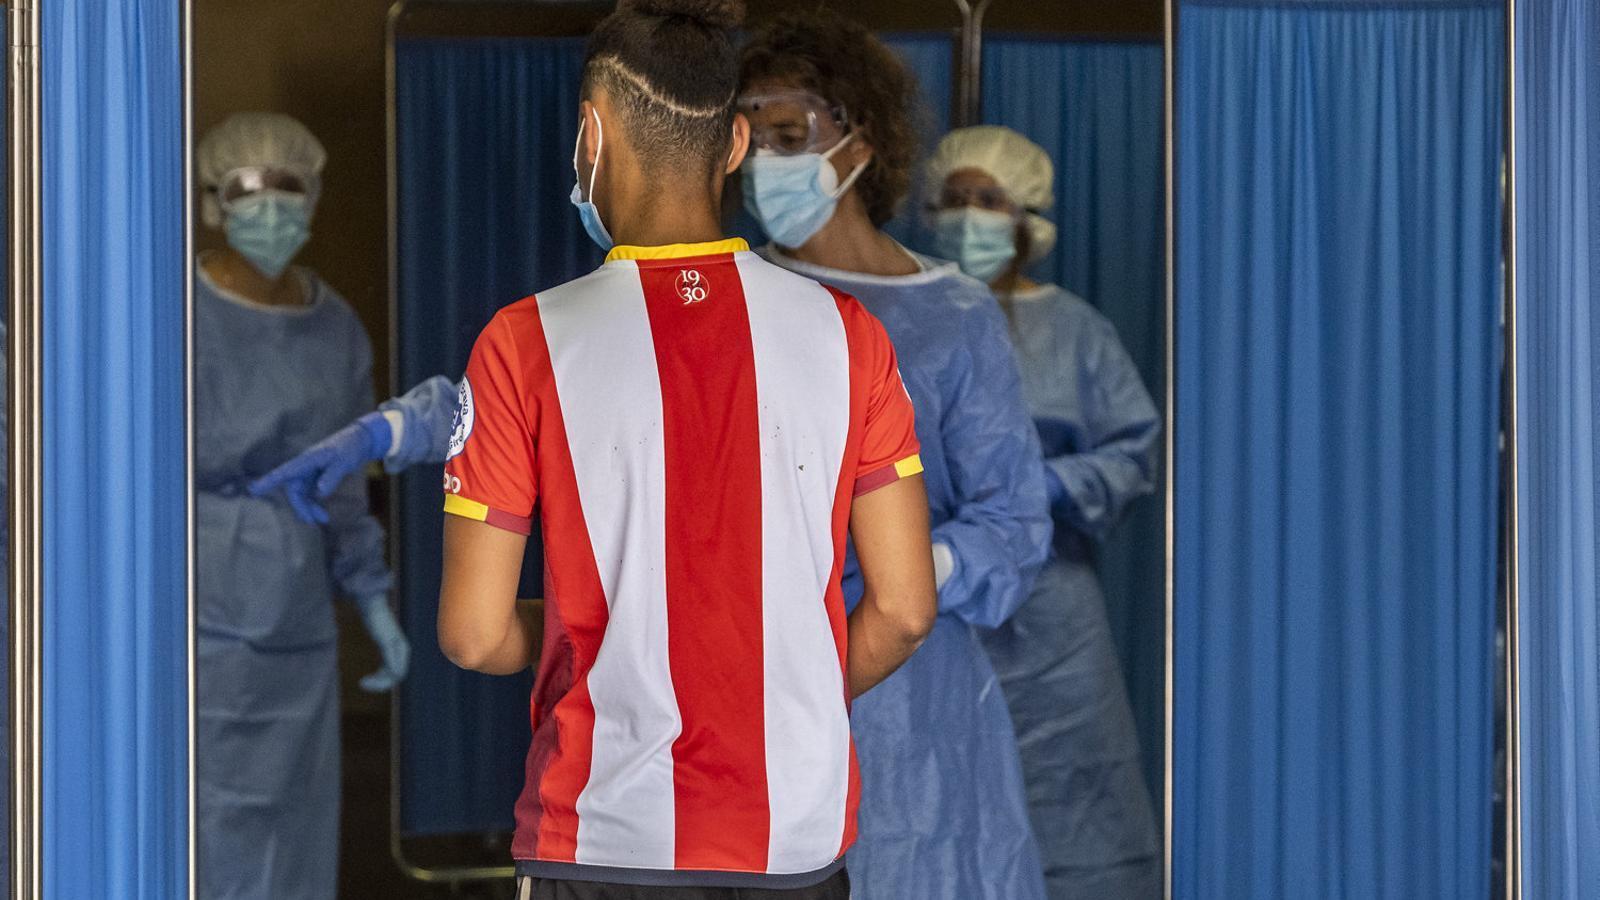 Un jove a punt de ser sotmès a una prova PCR per detectar  si és positiu  per covid-19,  en una imatge  de principis d'agost  a Vilafranca  del Penedès.